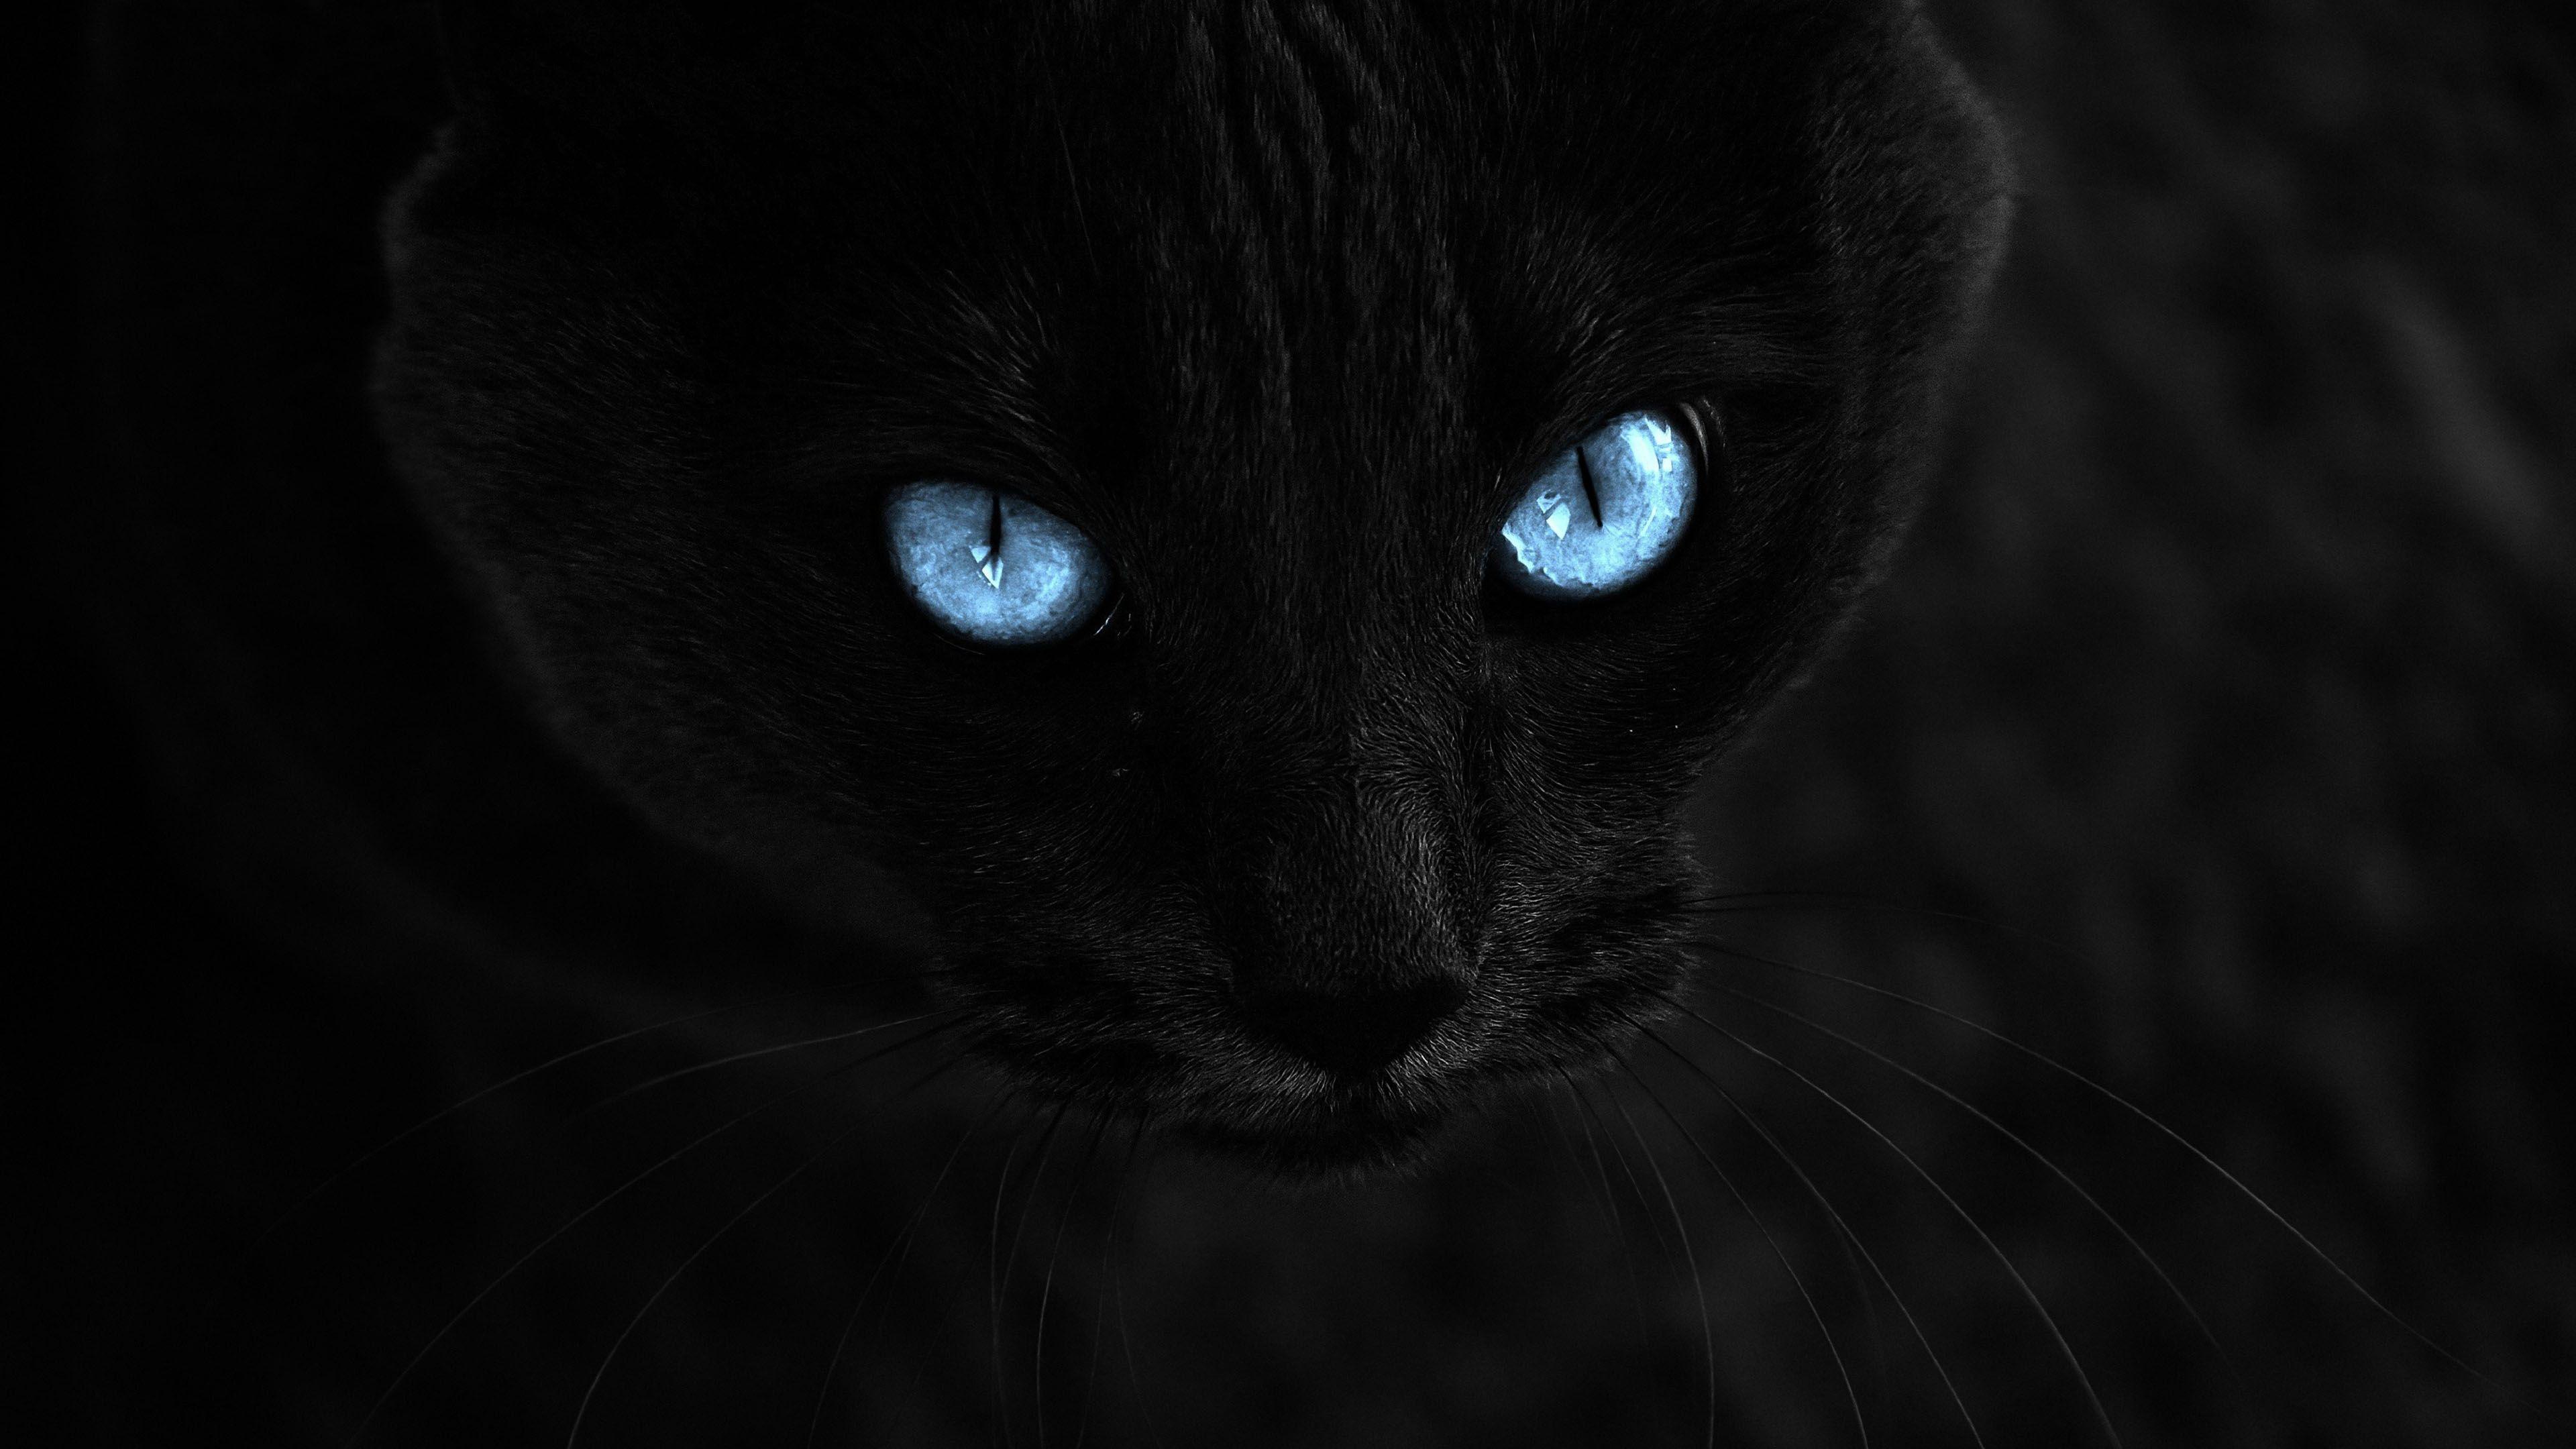 Mavi Gozlu Kara Kedi Harika Duvar Kagidi Cat With Blue Eyes Cat Wallpaper Black Cat